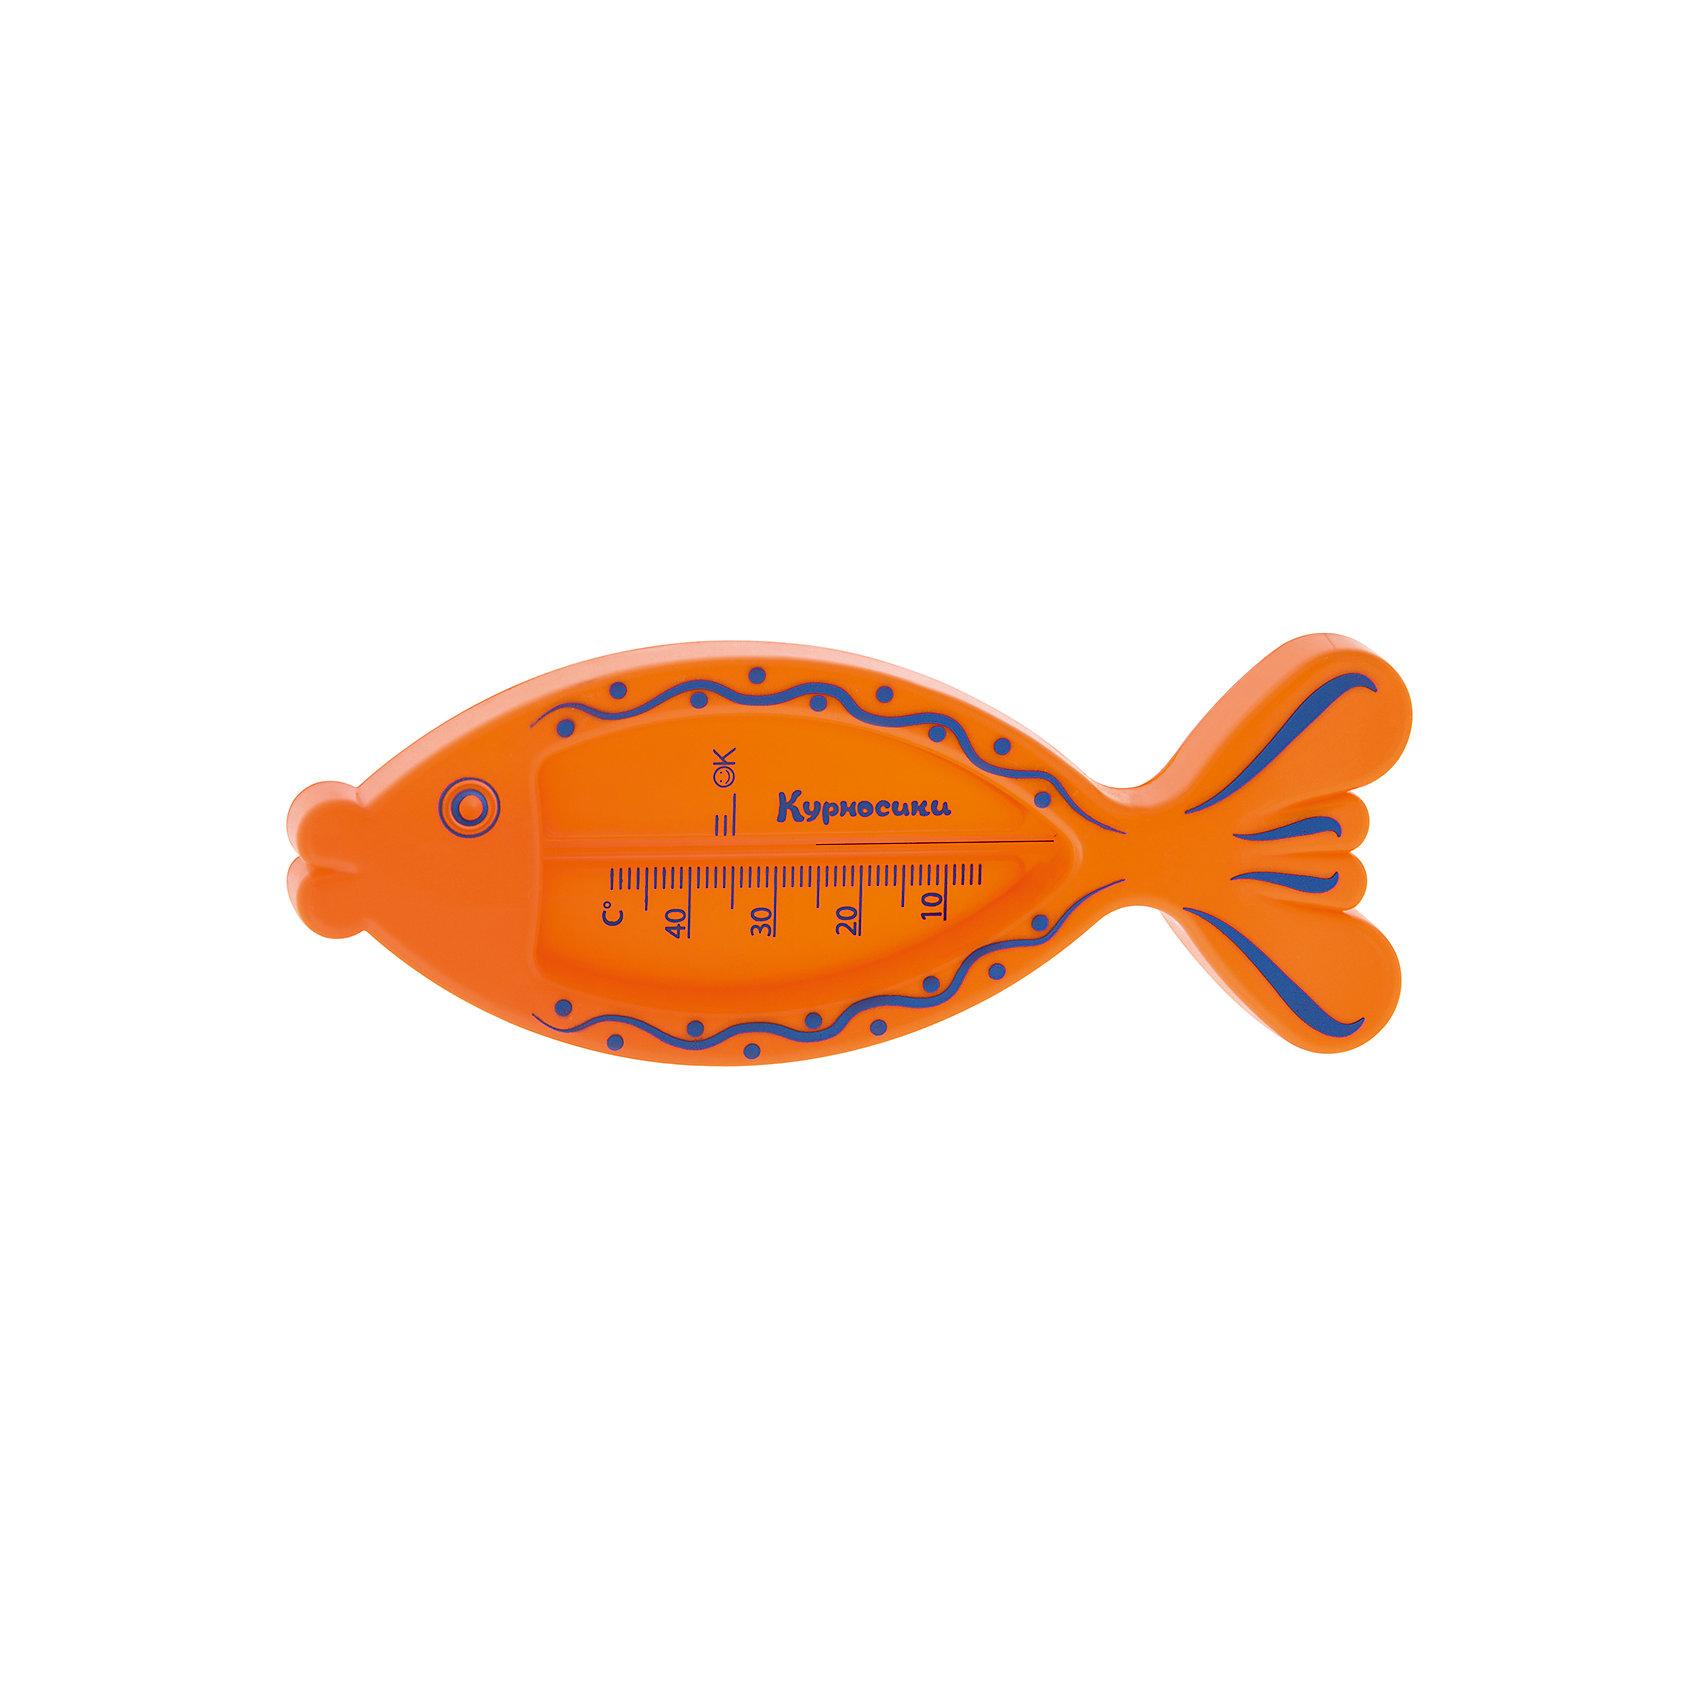 Термометр для ванны Рыбка, Kurnosiki, оранжевыйХарактеристики:<br><br>• Наименование: термометр для ванны<br>• Материал: пластик<br>• Пол: универсальный<br>• Цвет: оранжевый<br>• Форма: рыбка<br>• Тип шкалы: по Цельсию <br>• Максимальное значение: 50? С<br>• Минимальное значение: 5? С<br>• Нанесена отметка напротив оптимальной температуры для купания<br>• Ударопрочный корпус <br>• Не содержит ртути<br>• Отсутствие острых углов<br>• Вес: 50 г<br>• Параметры (Д*Ш*В): 25*2*9 см <br>• Особенности ухода: сухая и влажная чистка<br><br>Термометр для ванны Рыбка, Kurnosiki, зеленый выполнен из ударопрочного пластика, не содержит ртути. Форма градусника представляет собой ярко-зеленую рыбку с хвостиком. Цена деления у градусника 1 градус, напротив оптимальной температуры для купания нанесена отметка. <br><br>Чтобы градусник определил температуру воды с высокой точностью, его необходимо подержать в воде не менее 1 минуты. Термометр для ванны Рыбка, Kurnosiki, зеленый станет незаменимым помощником для мамы во время купания малыша.<br><br>Термометр для ванны Рыбка, Kurnosiki, зеленый можно купить в нашем интернет-магазине.<br><br>Ширина мм: 20<br>Глубина мм: 120<br>Высота мм: 200<br>Вес г: 38<br>Возраст от месяцев: 0<br>Возраст до месяцев: 36<br>Пол: Унисекс<br>Возраст: Детский<br>SKU: 5428695